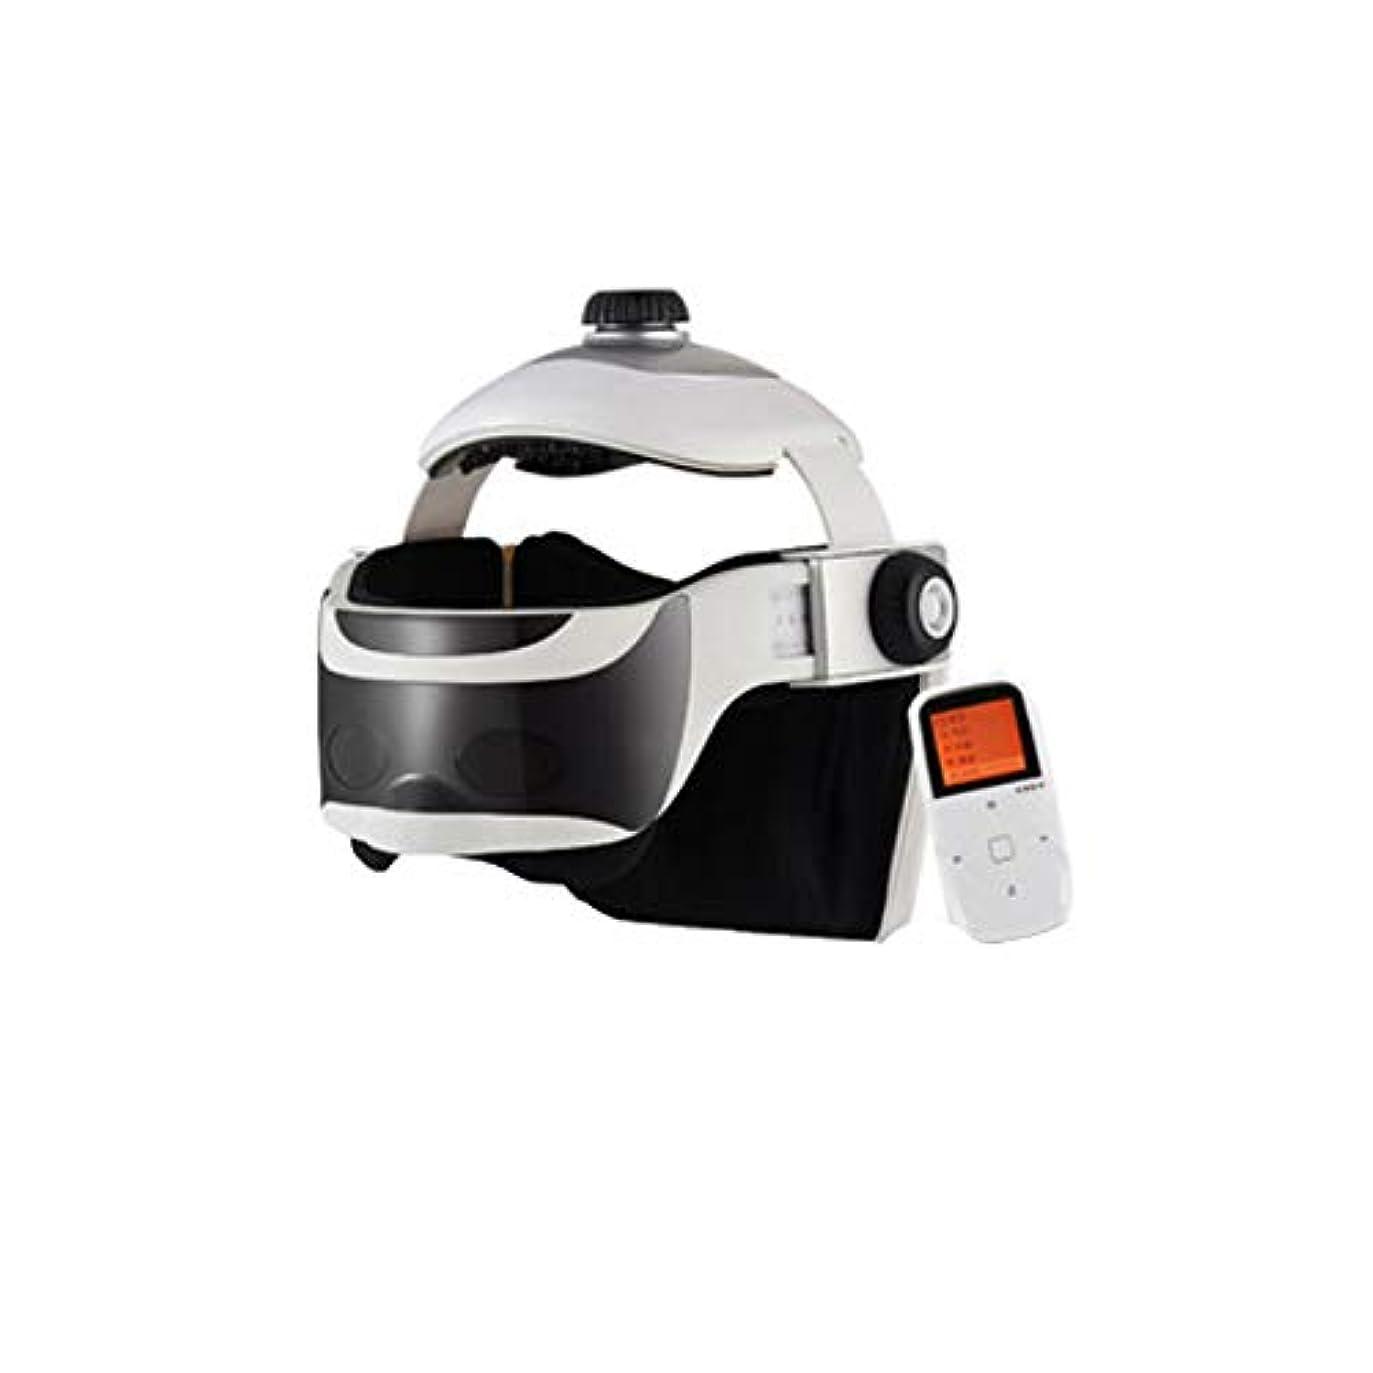 一般的な子音タオルマッサージャー - マッサージャーホーム練り頭皮マッサージヘルメット (色 : Wireless version)